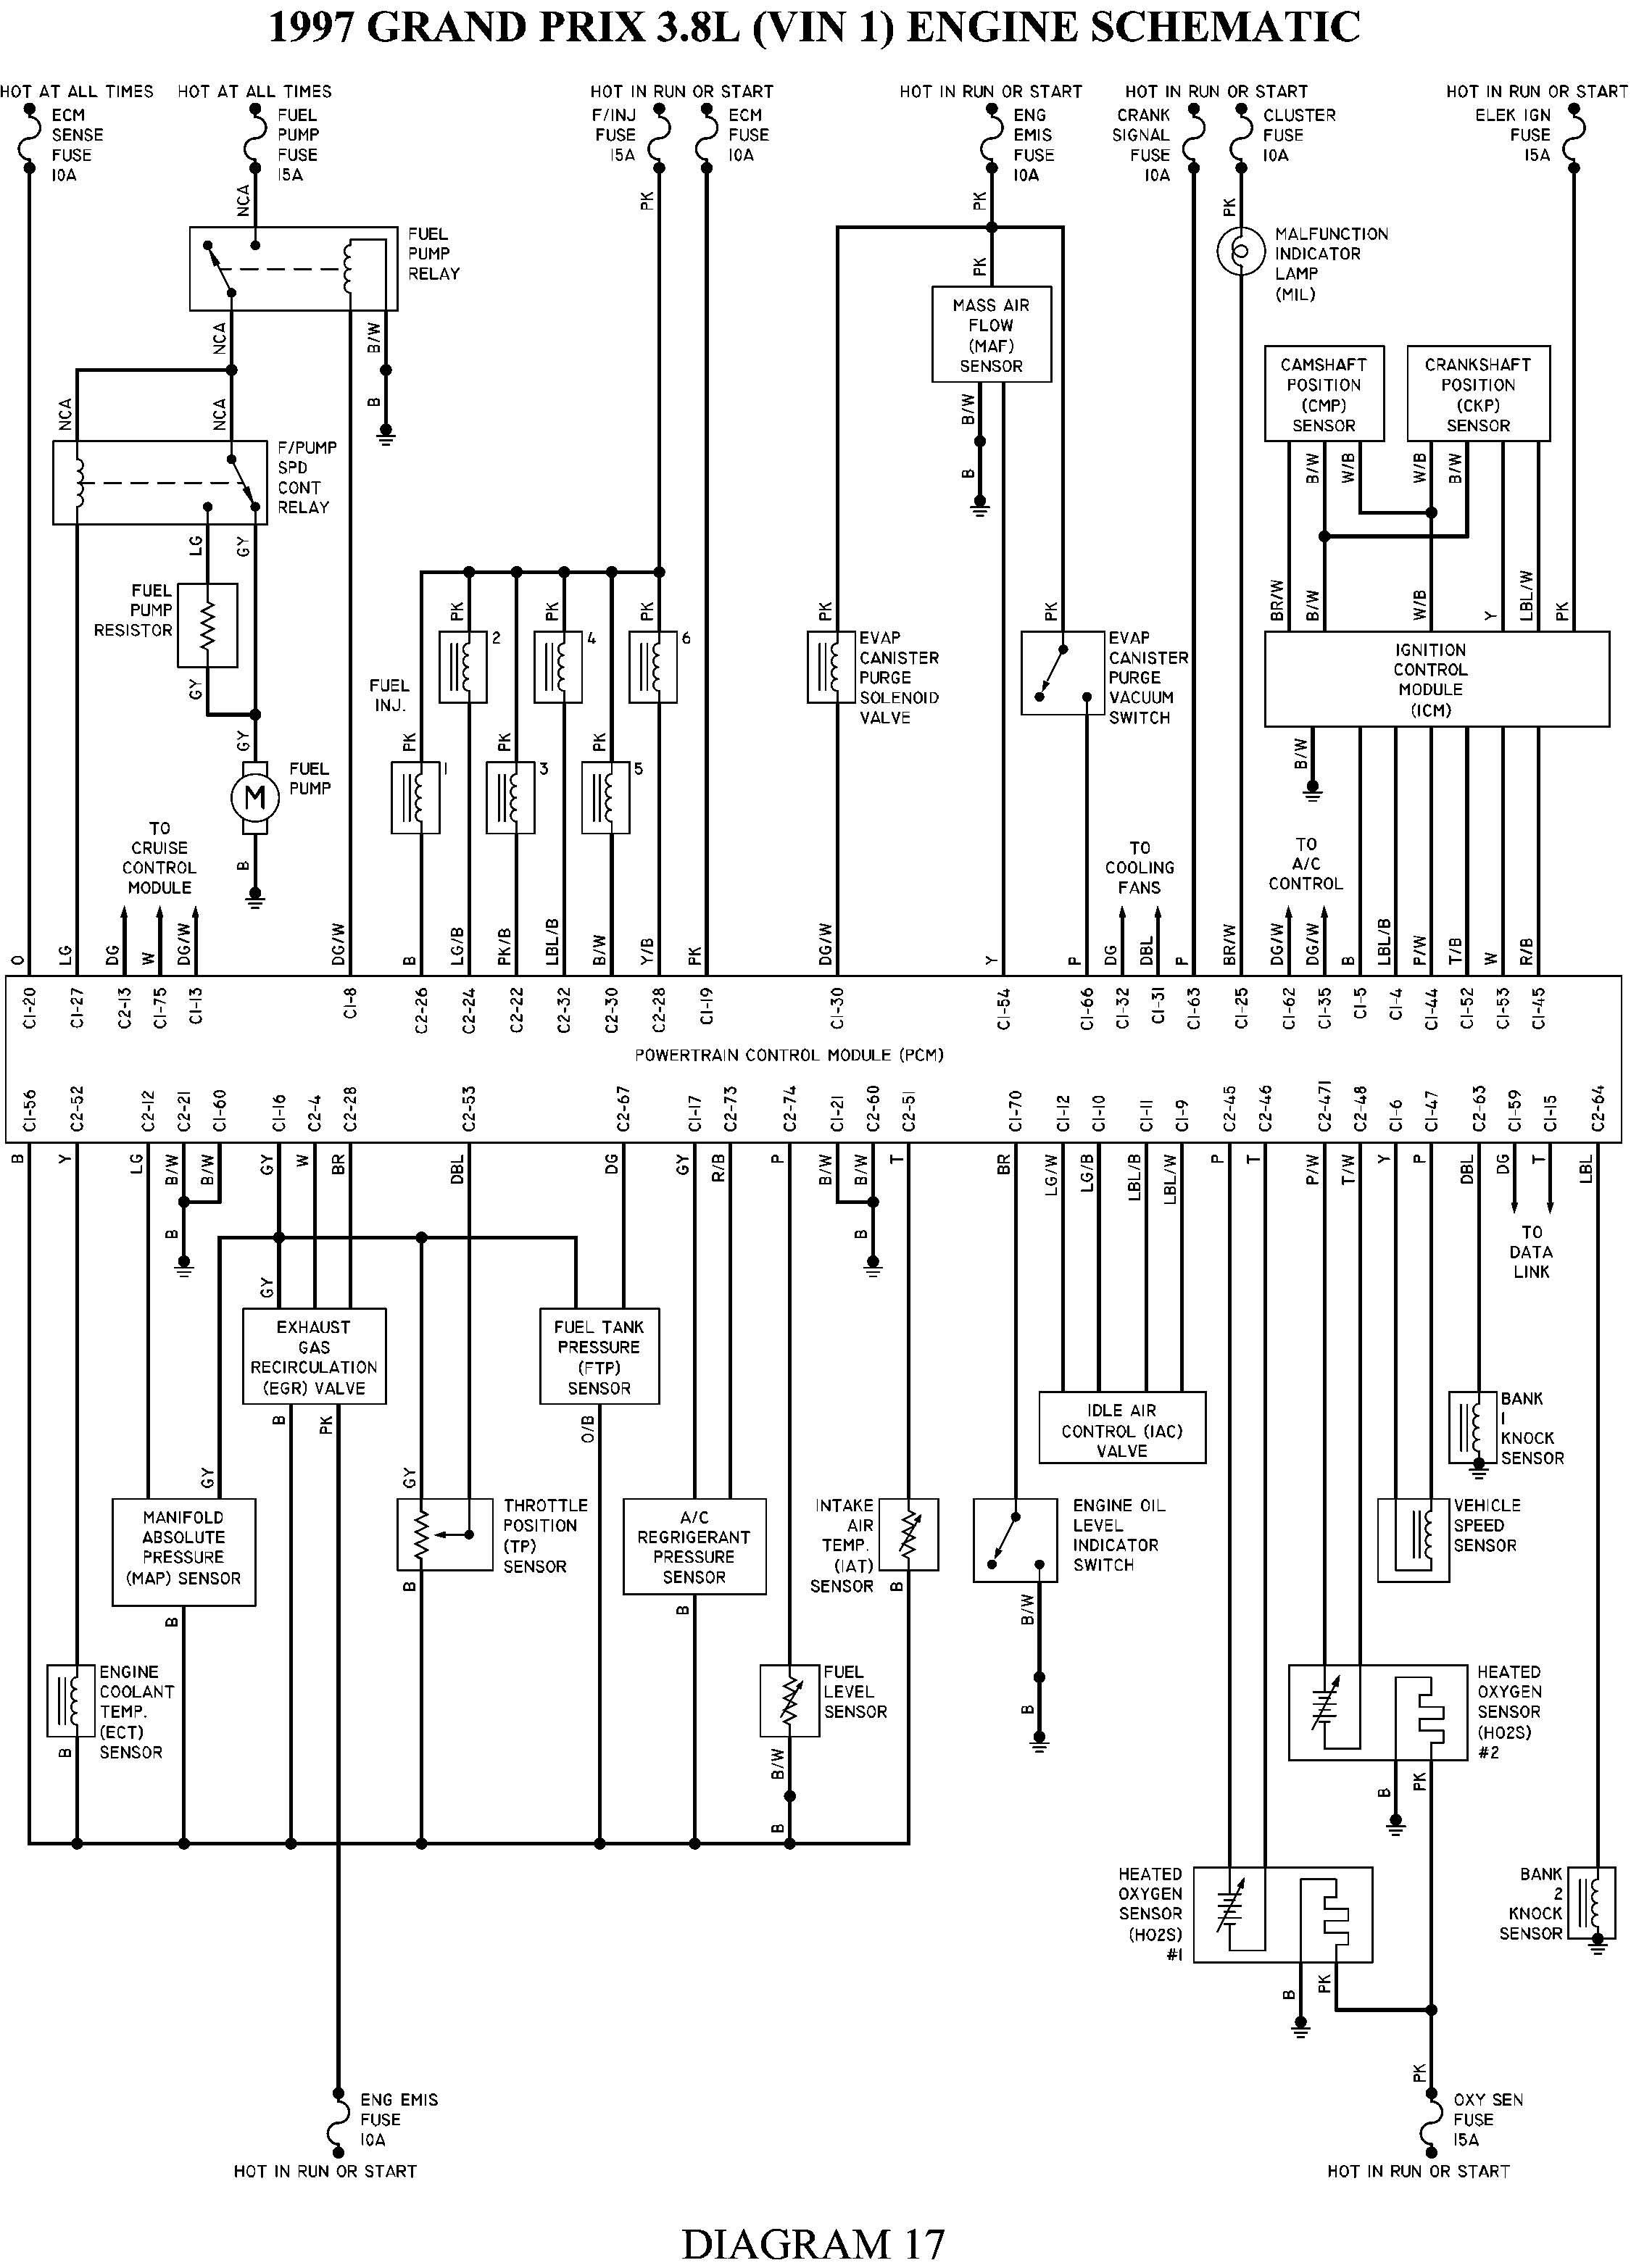 97 Pontiac Grand Am Wiring Diagram - Wiring Diagram Direct blue-produce -  blue-produce.siciliabeb.it | 97 Pontiac Grand Am Wiring Diagram 2 4 Engine |  | blue-produce.siciliabeb.it